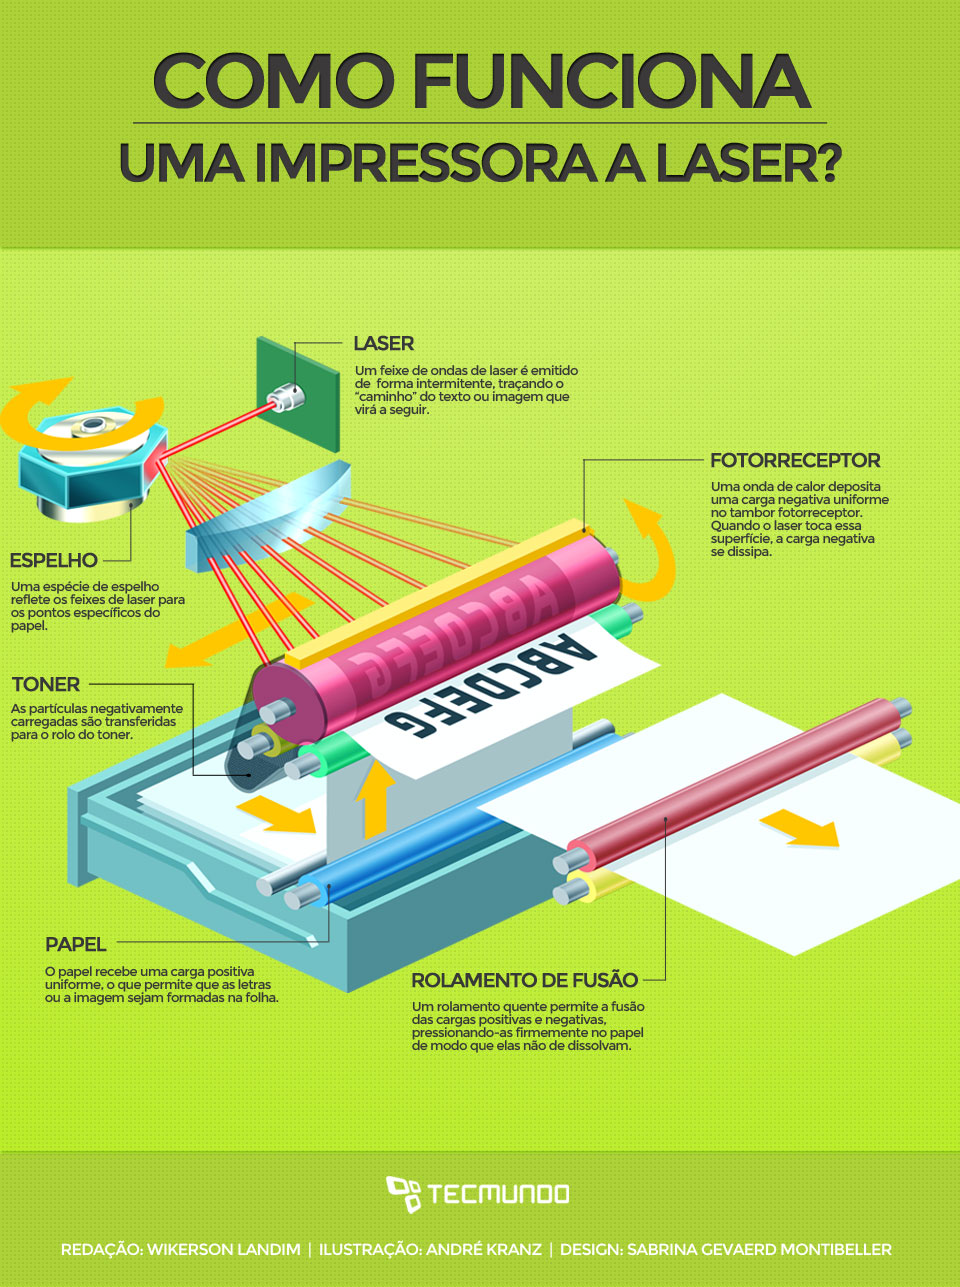 Como funcionam as impressoras a laser [ilustração]